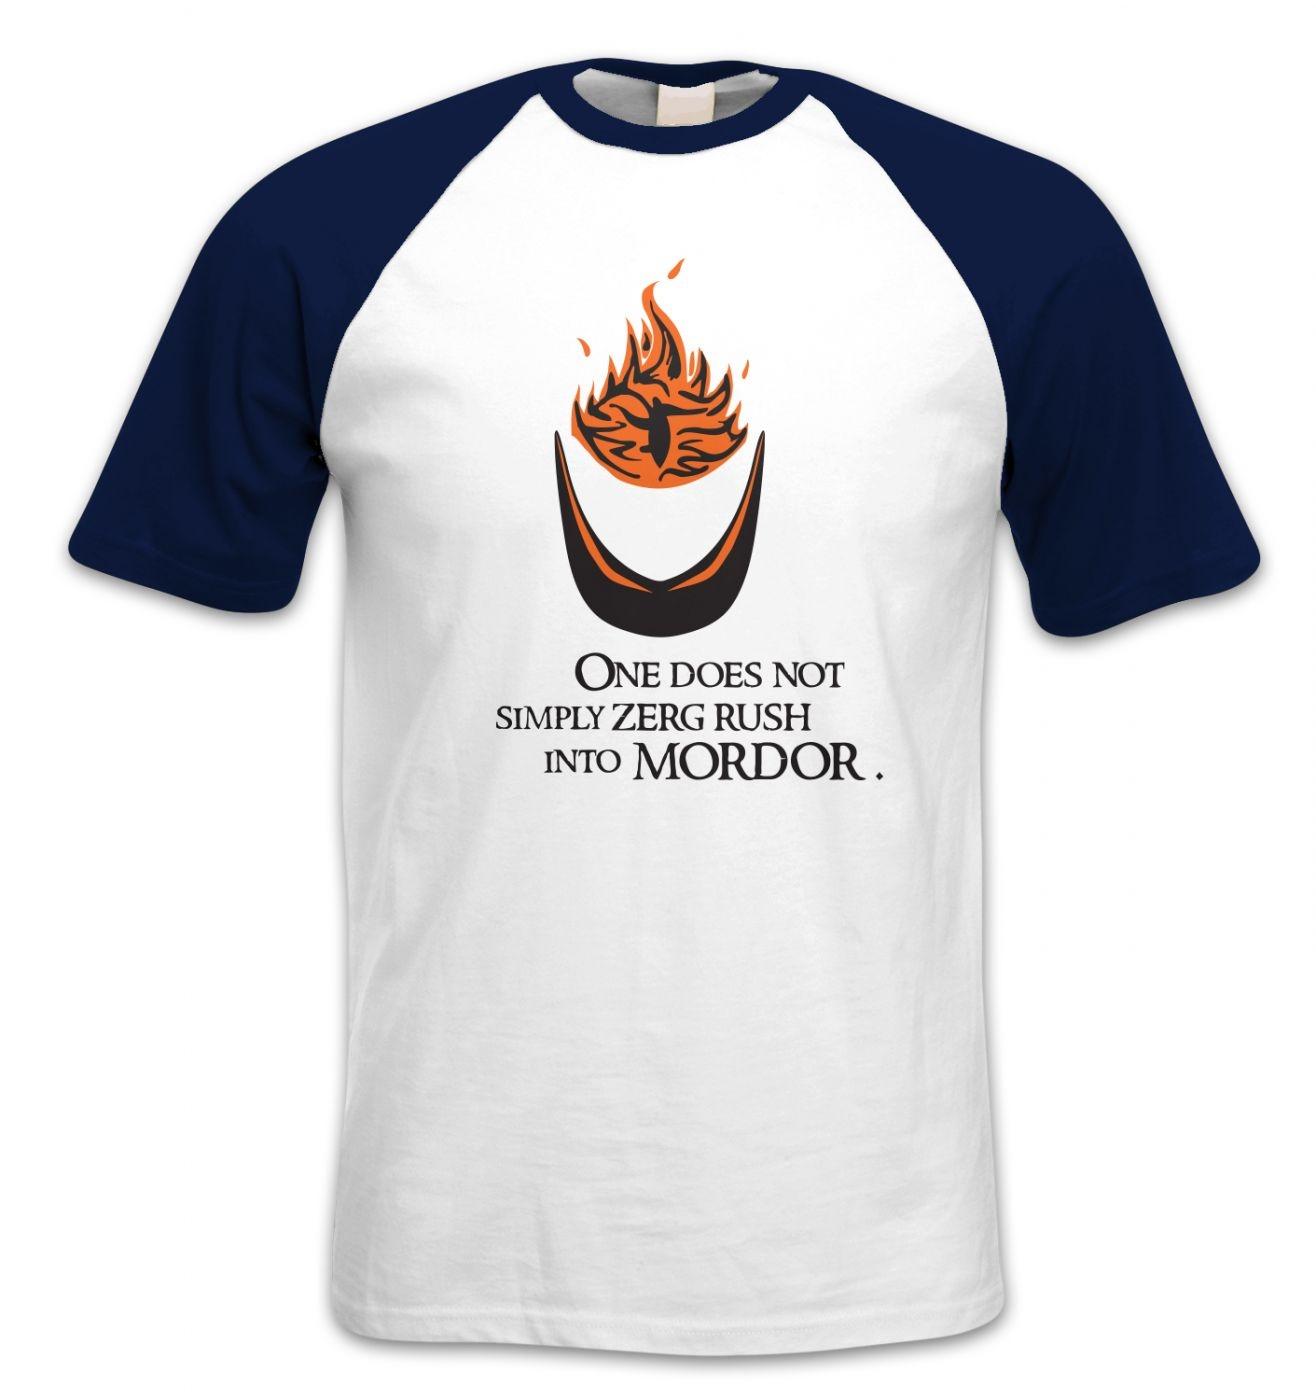 Zerg Rush Into Mordor short-sleeved baseball t-shirt